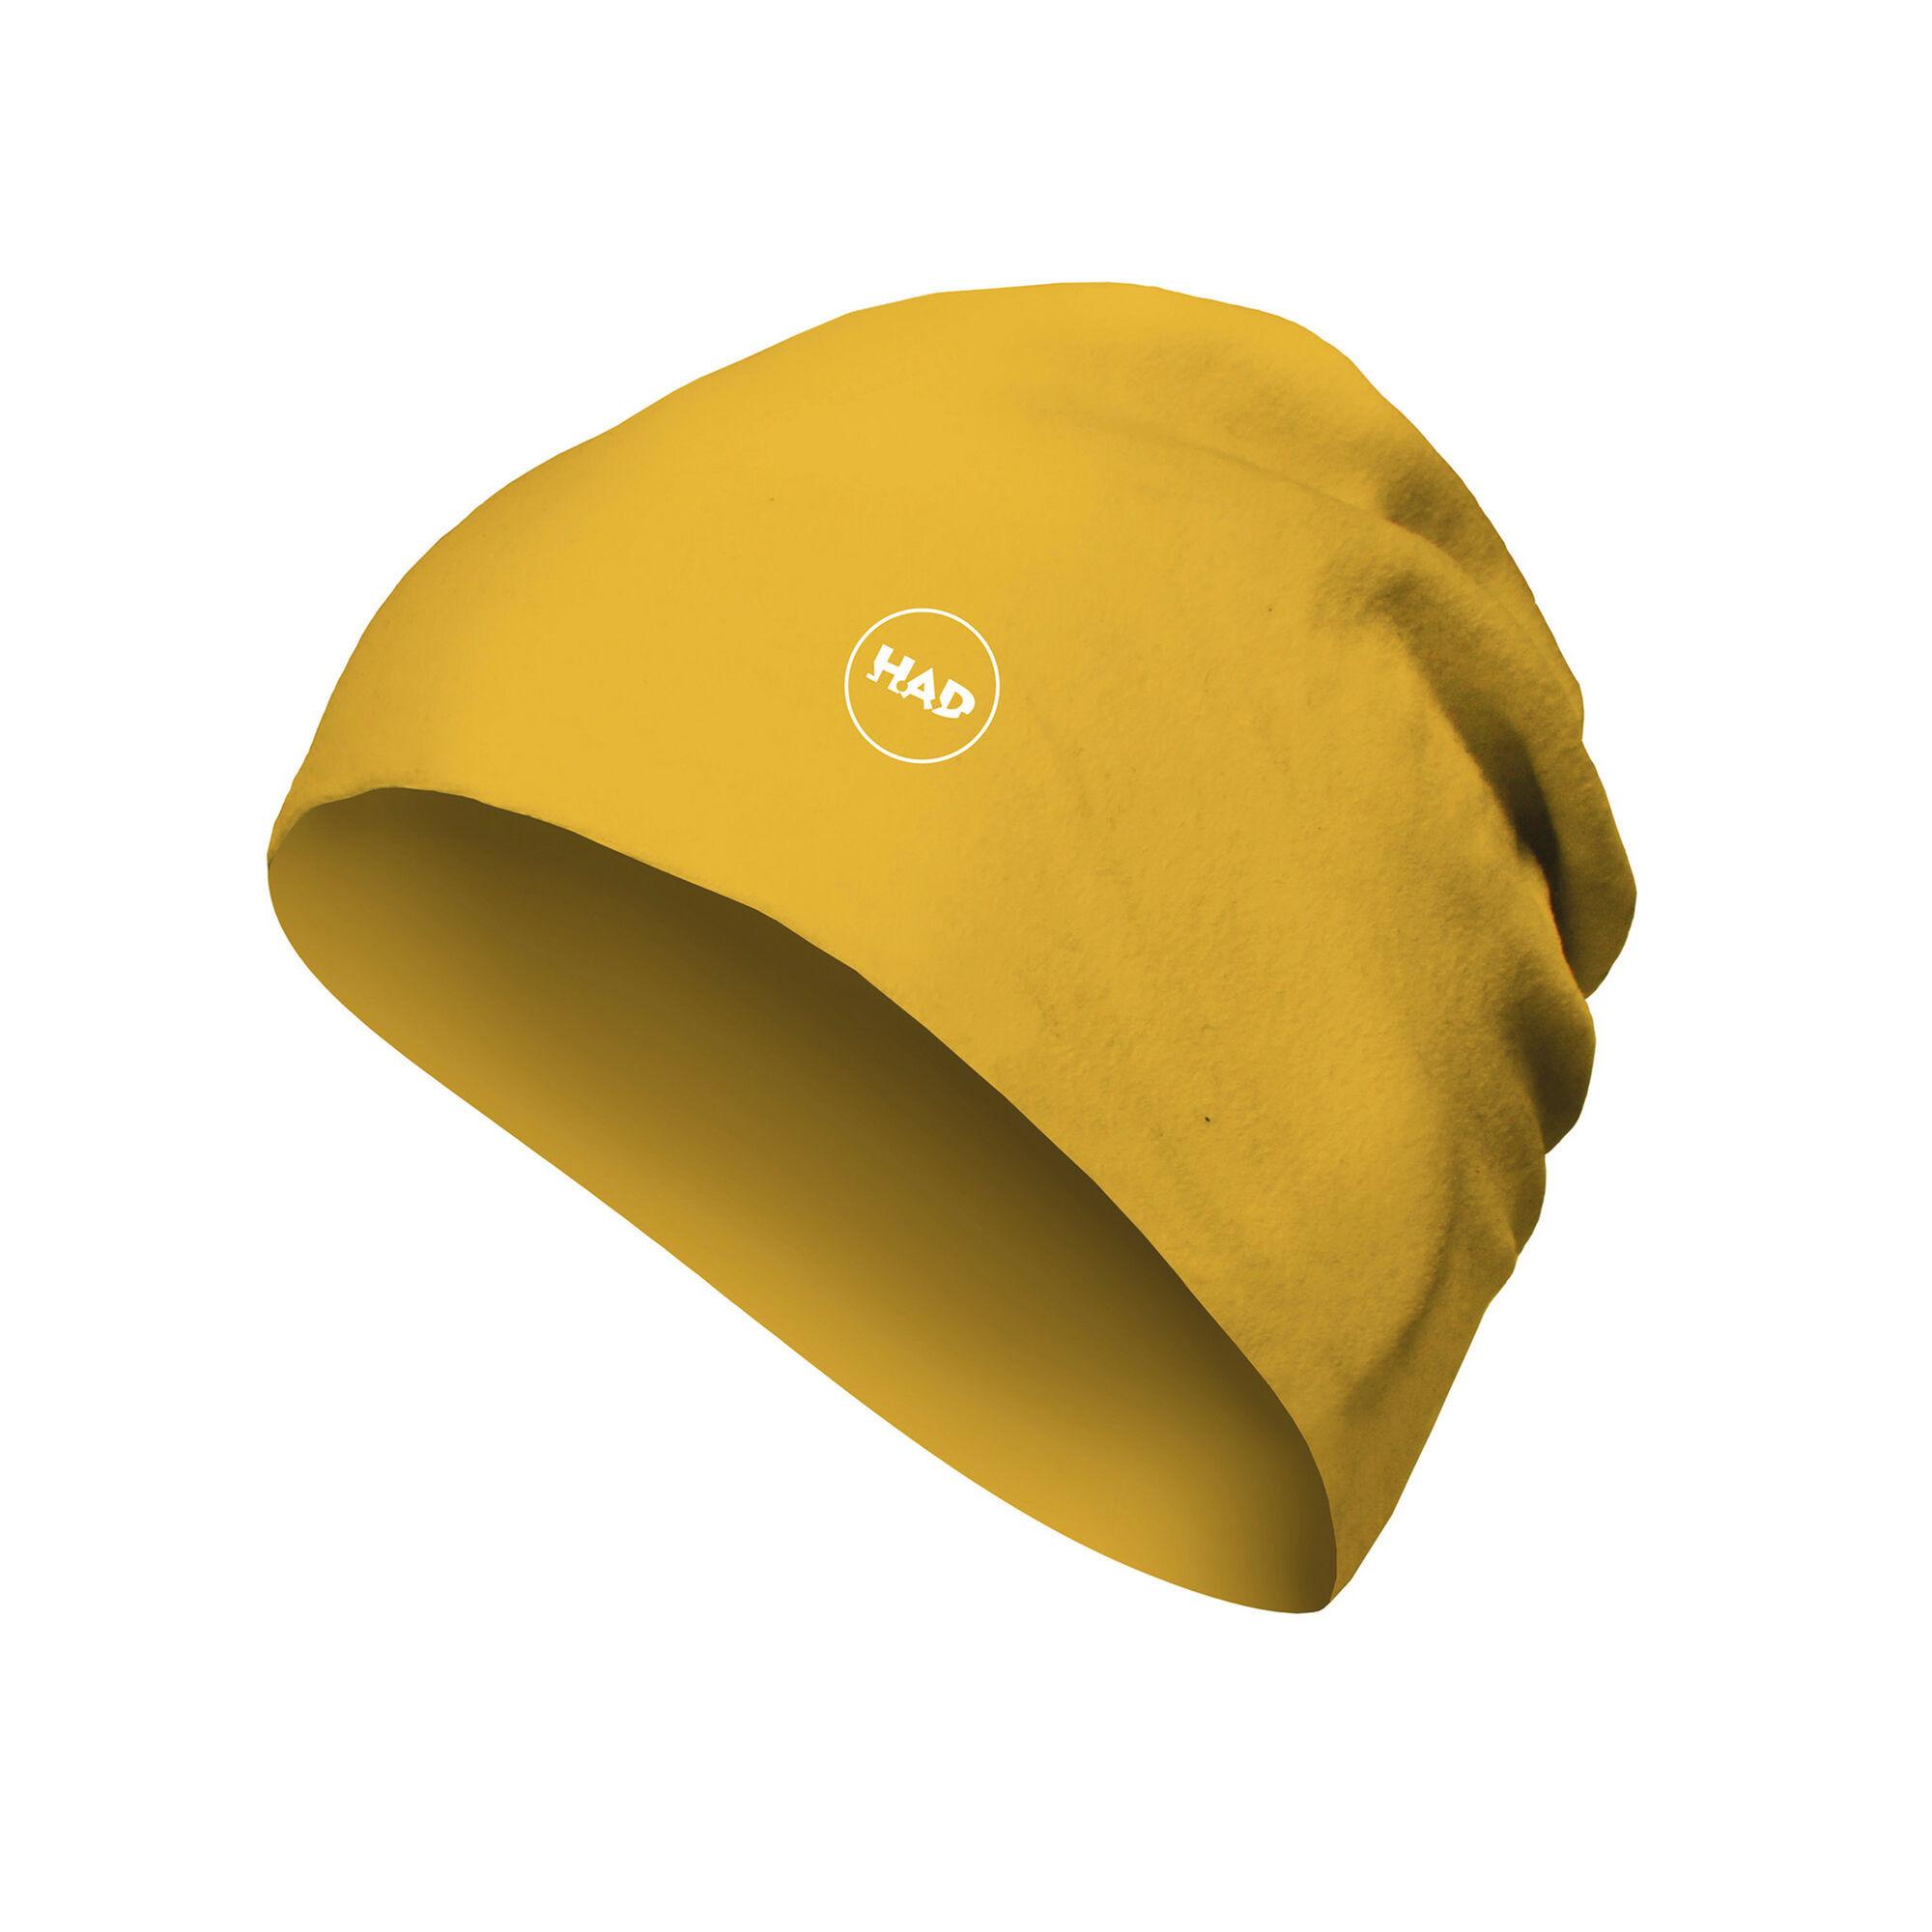 H.A.D. Merino Beanie (Honey Gelb)